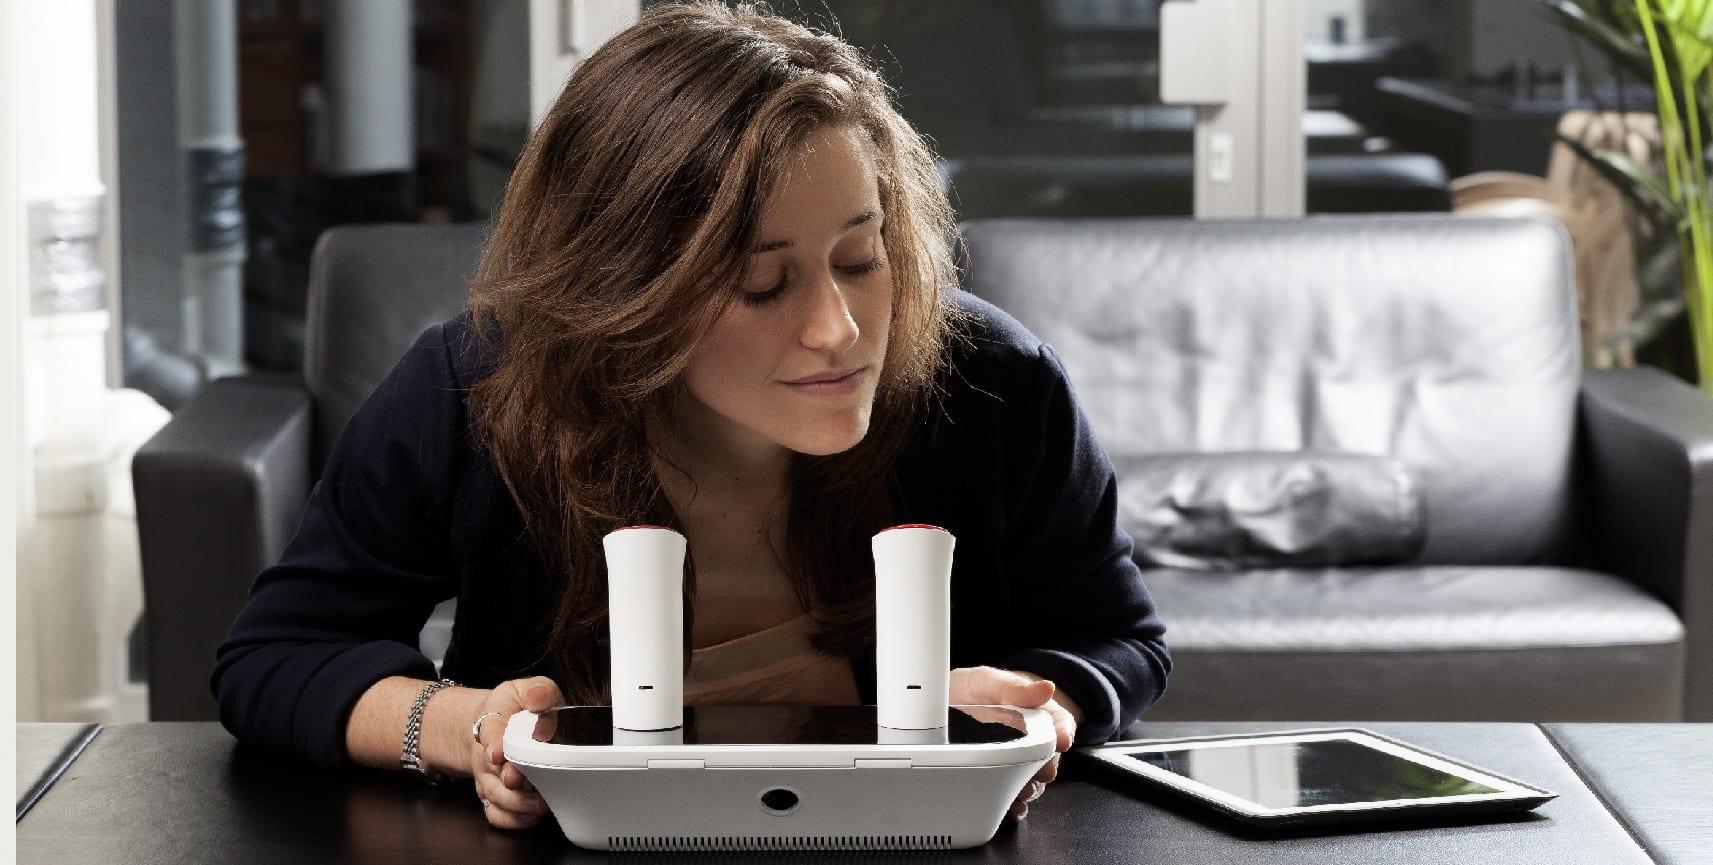 [Vidéo] Partager des odeurs via smartphone? C'est une réalité